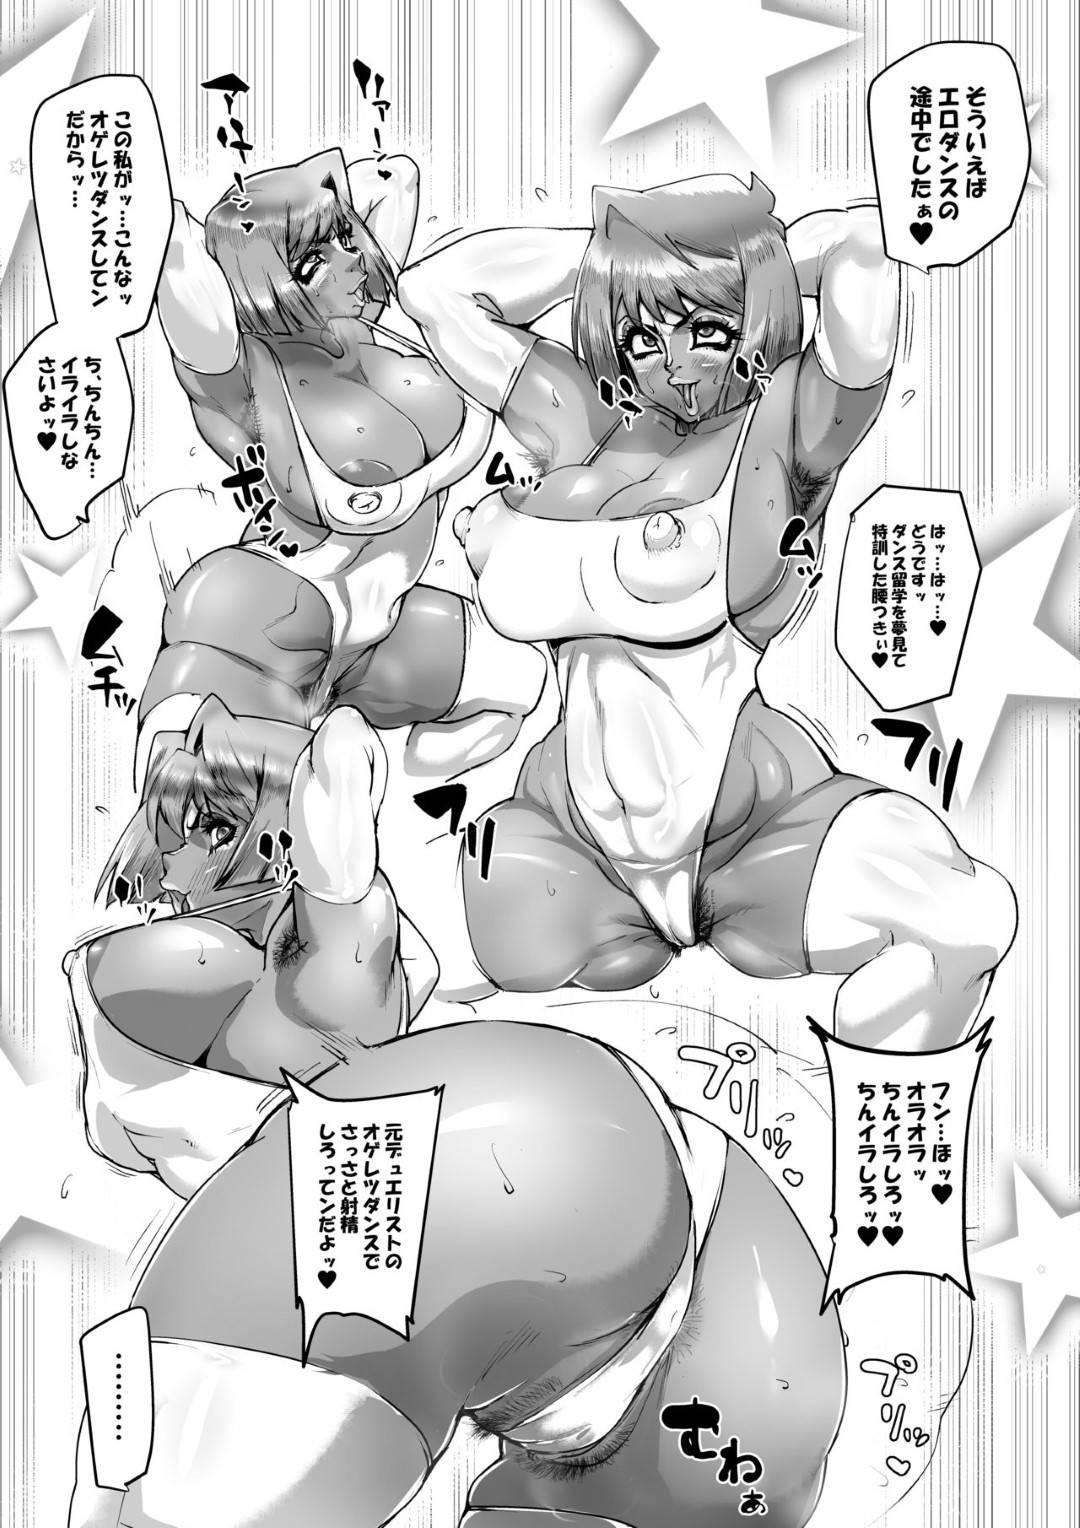 【遊戯王エロ漫画】全身タイツ男からデュエルを挑まれた杏子だったが、モンスターによってハイグレ姿にさせられ操られる。杏子は男に生ハメファックされ肉便器に堕とされる【オタクミン】